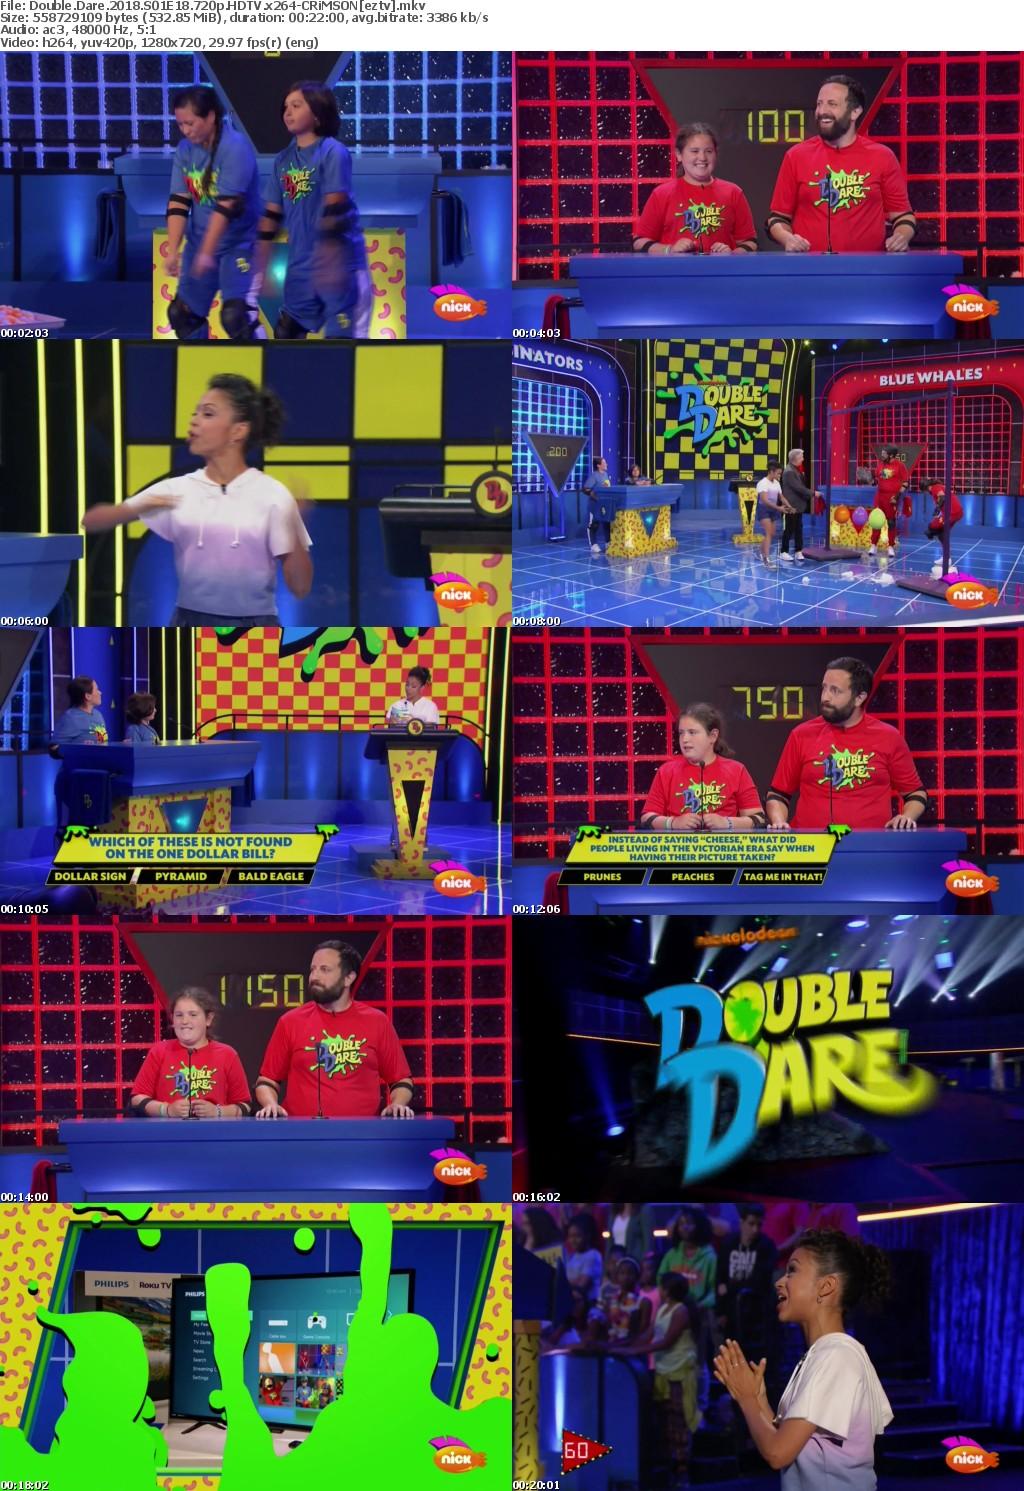 Double Dare 2018 S01E18 720p HDTV x264-CRiMSON